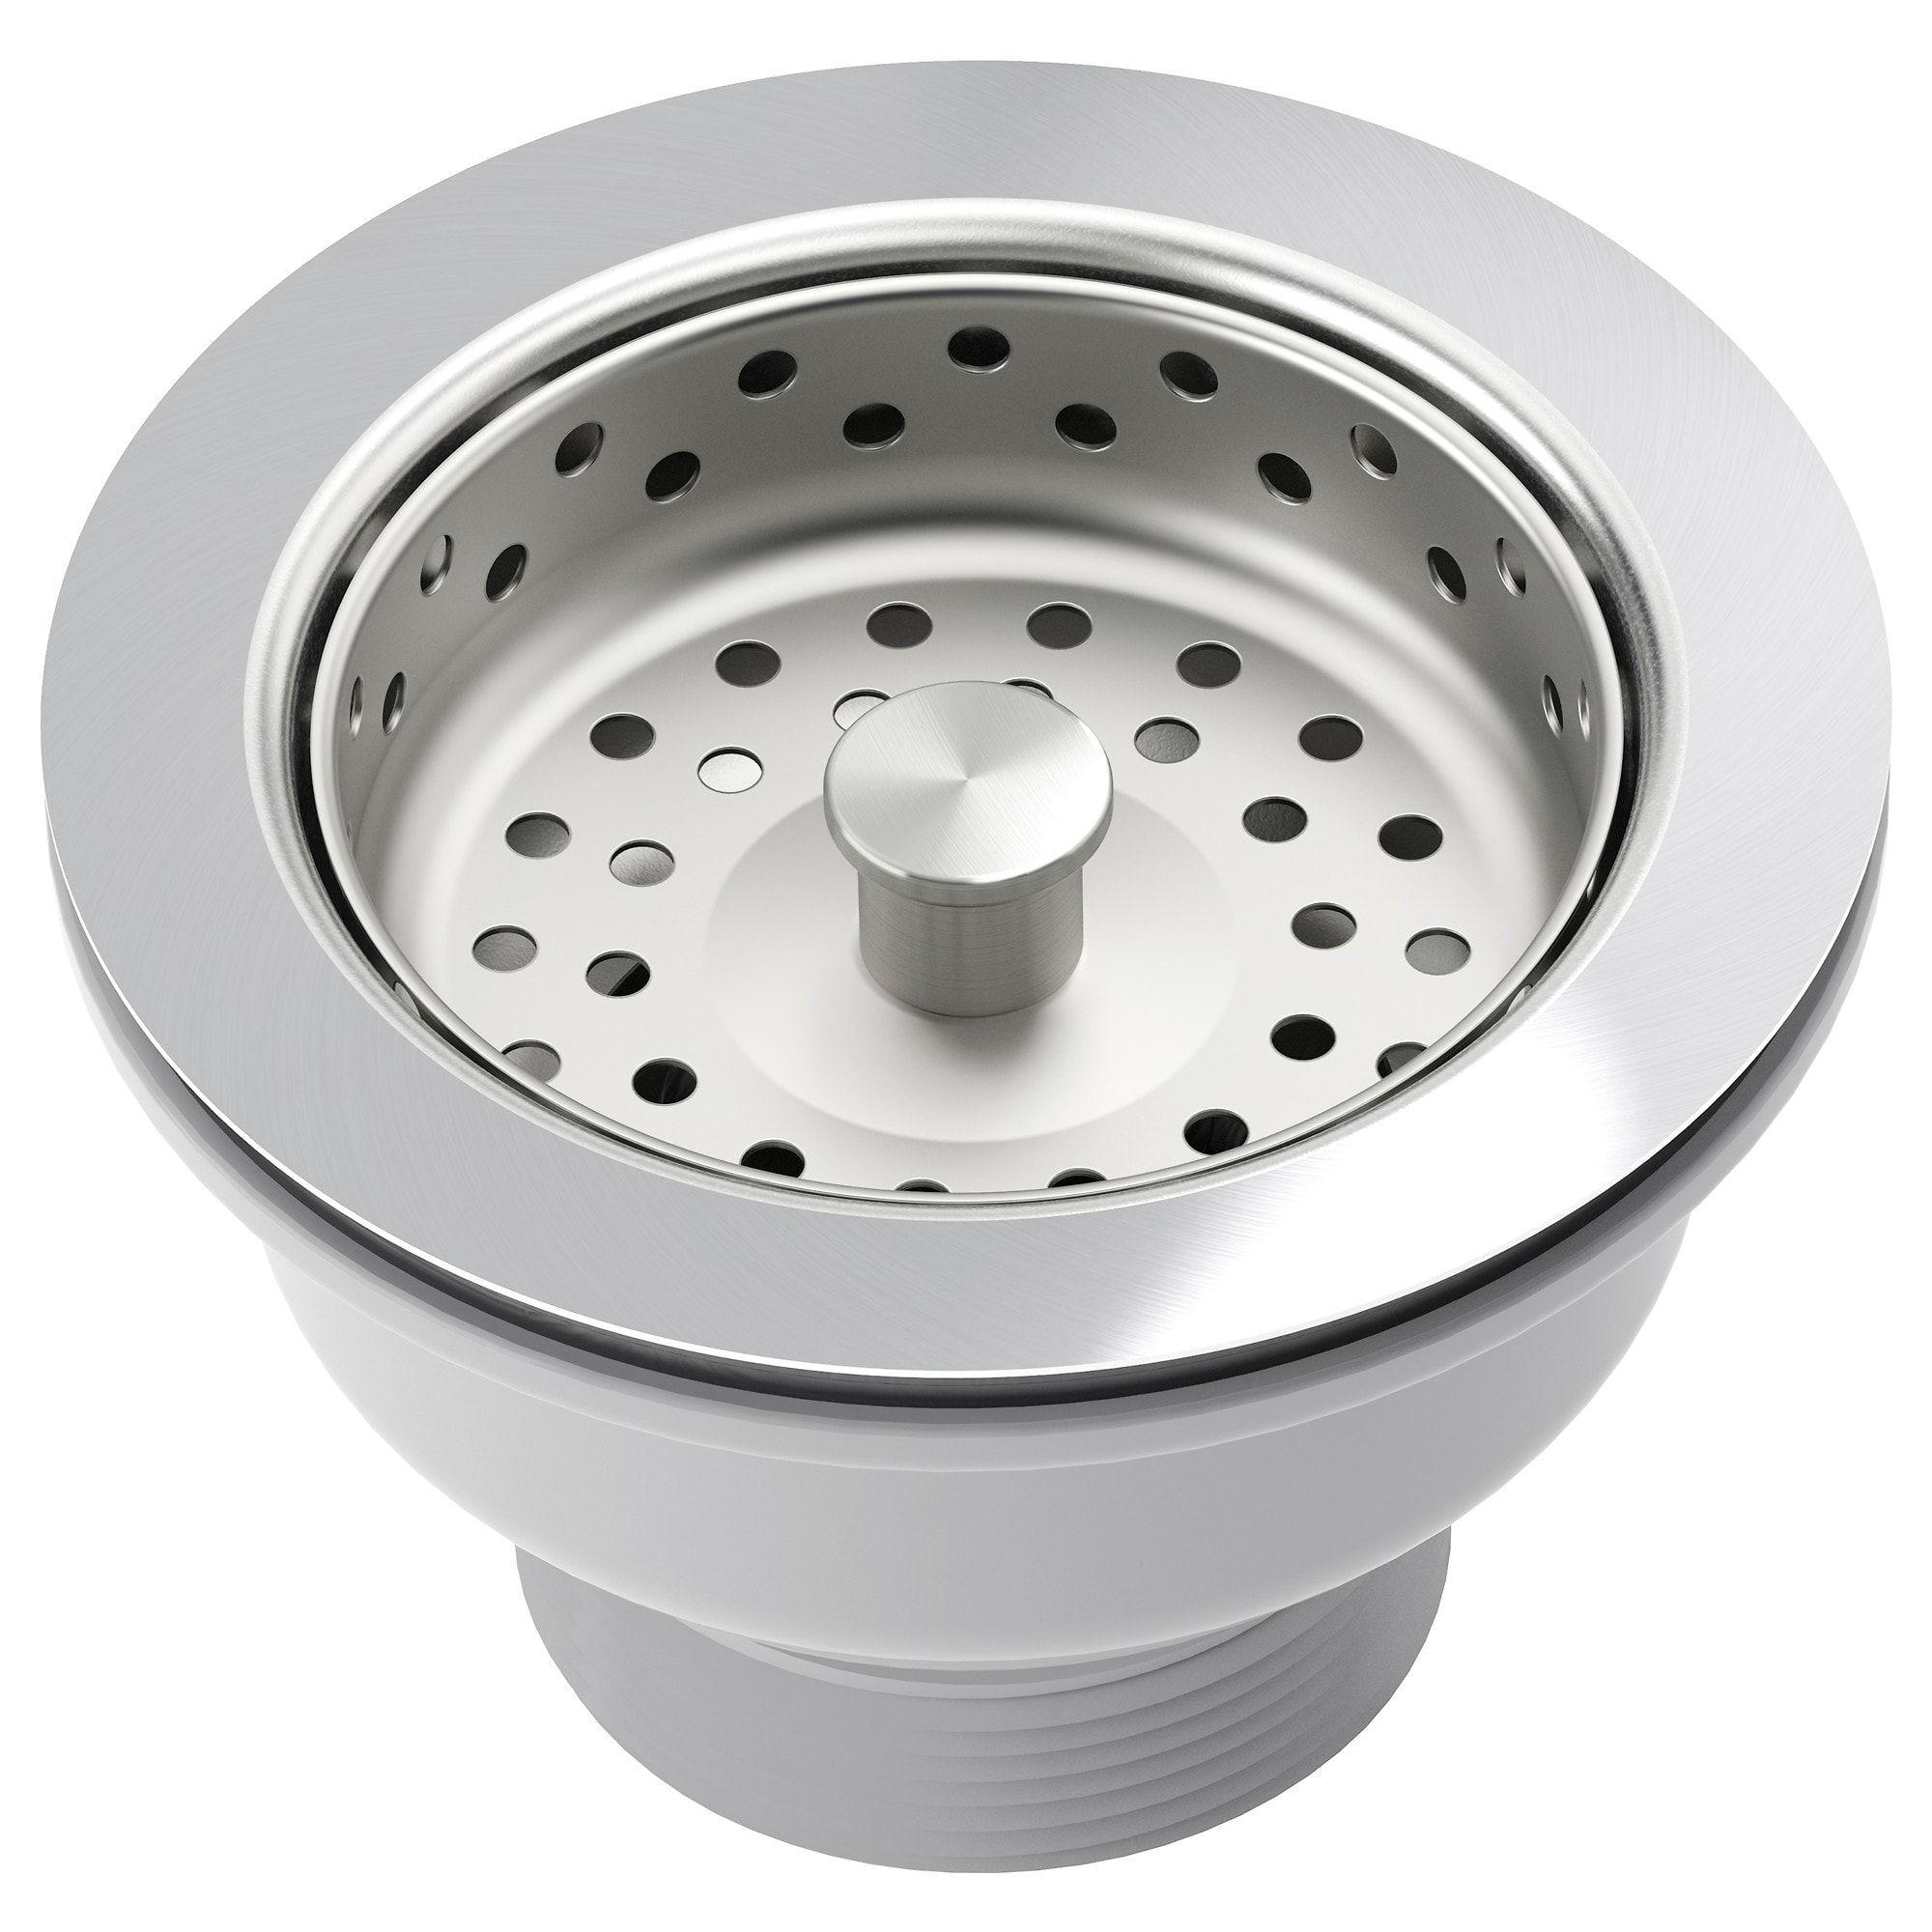 White Kitchen Sink Strainer